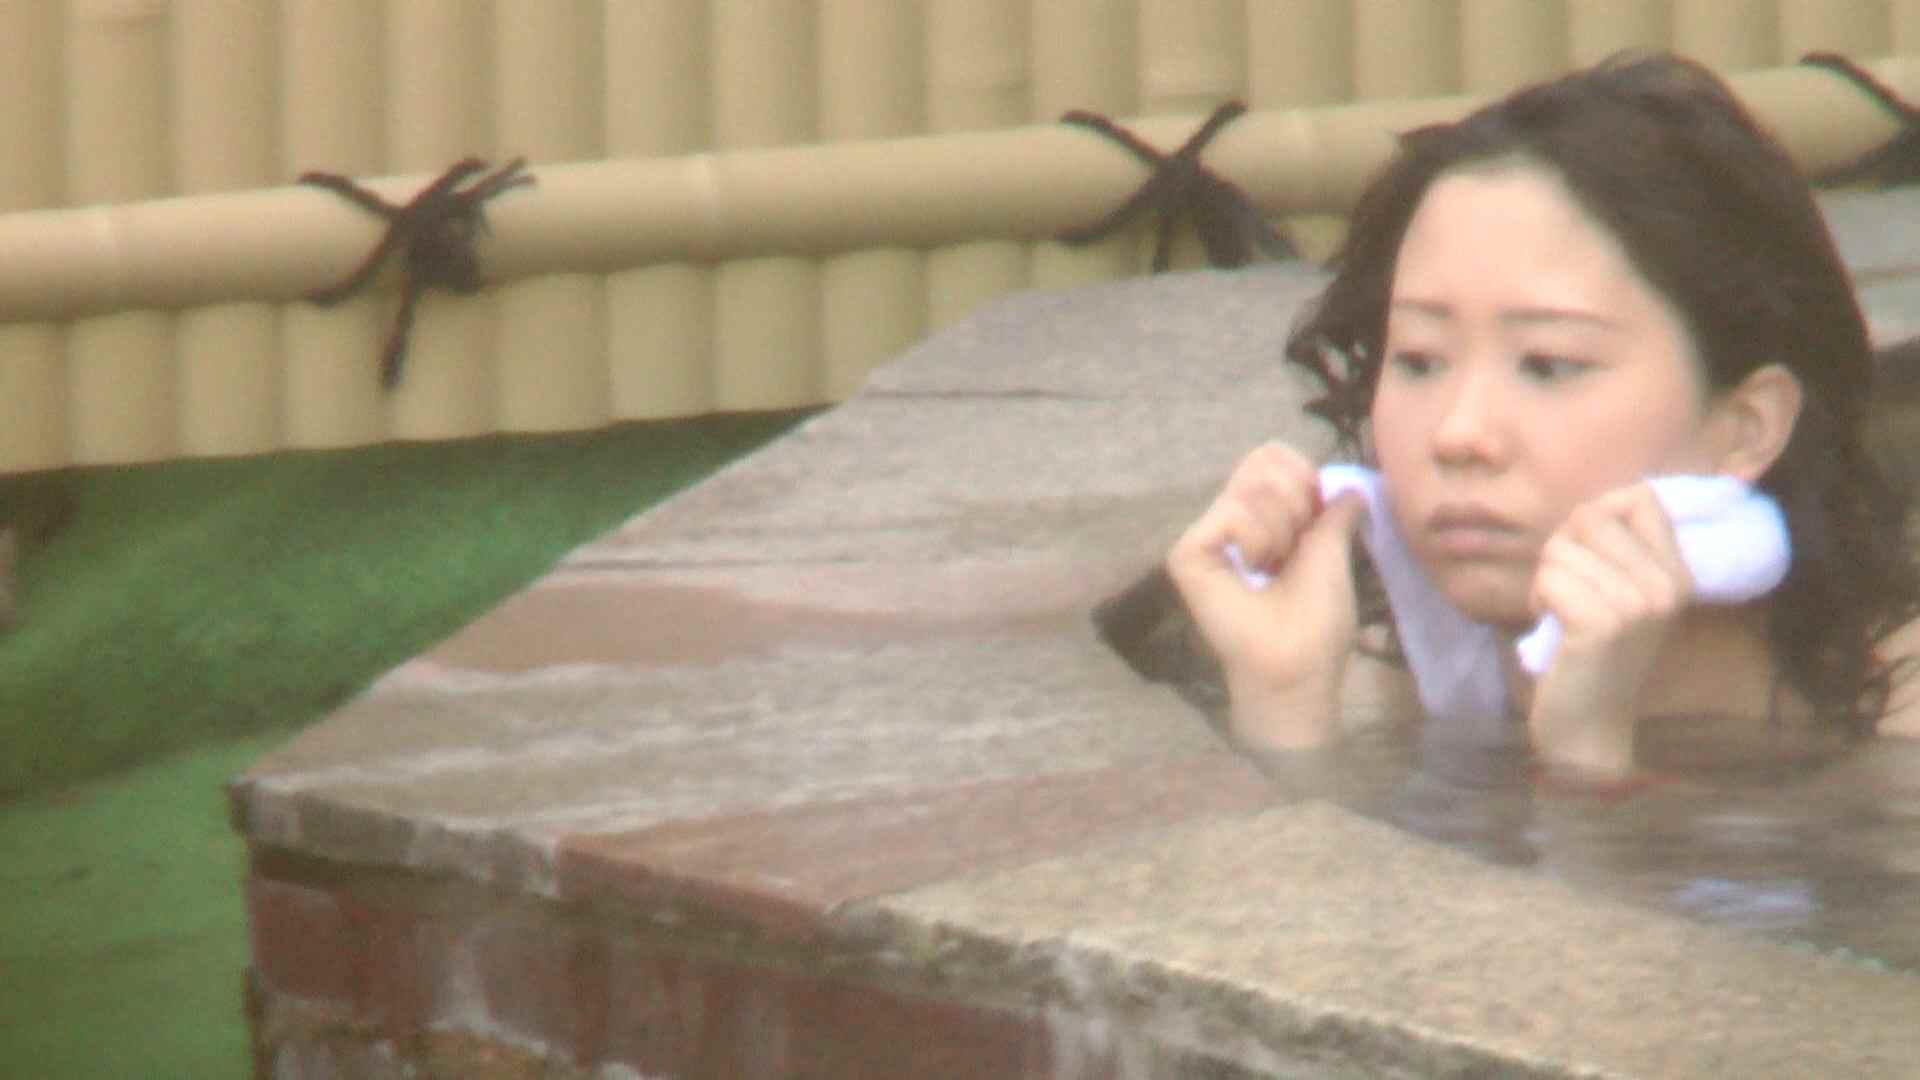 Aquaな露天風呂Vol.211 盗撮 オメコ動画キャプチャ 91連発 53